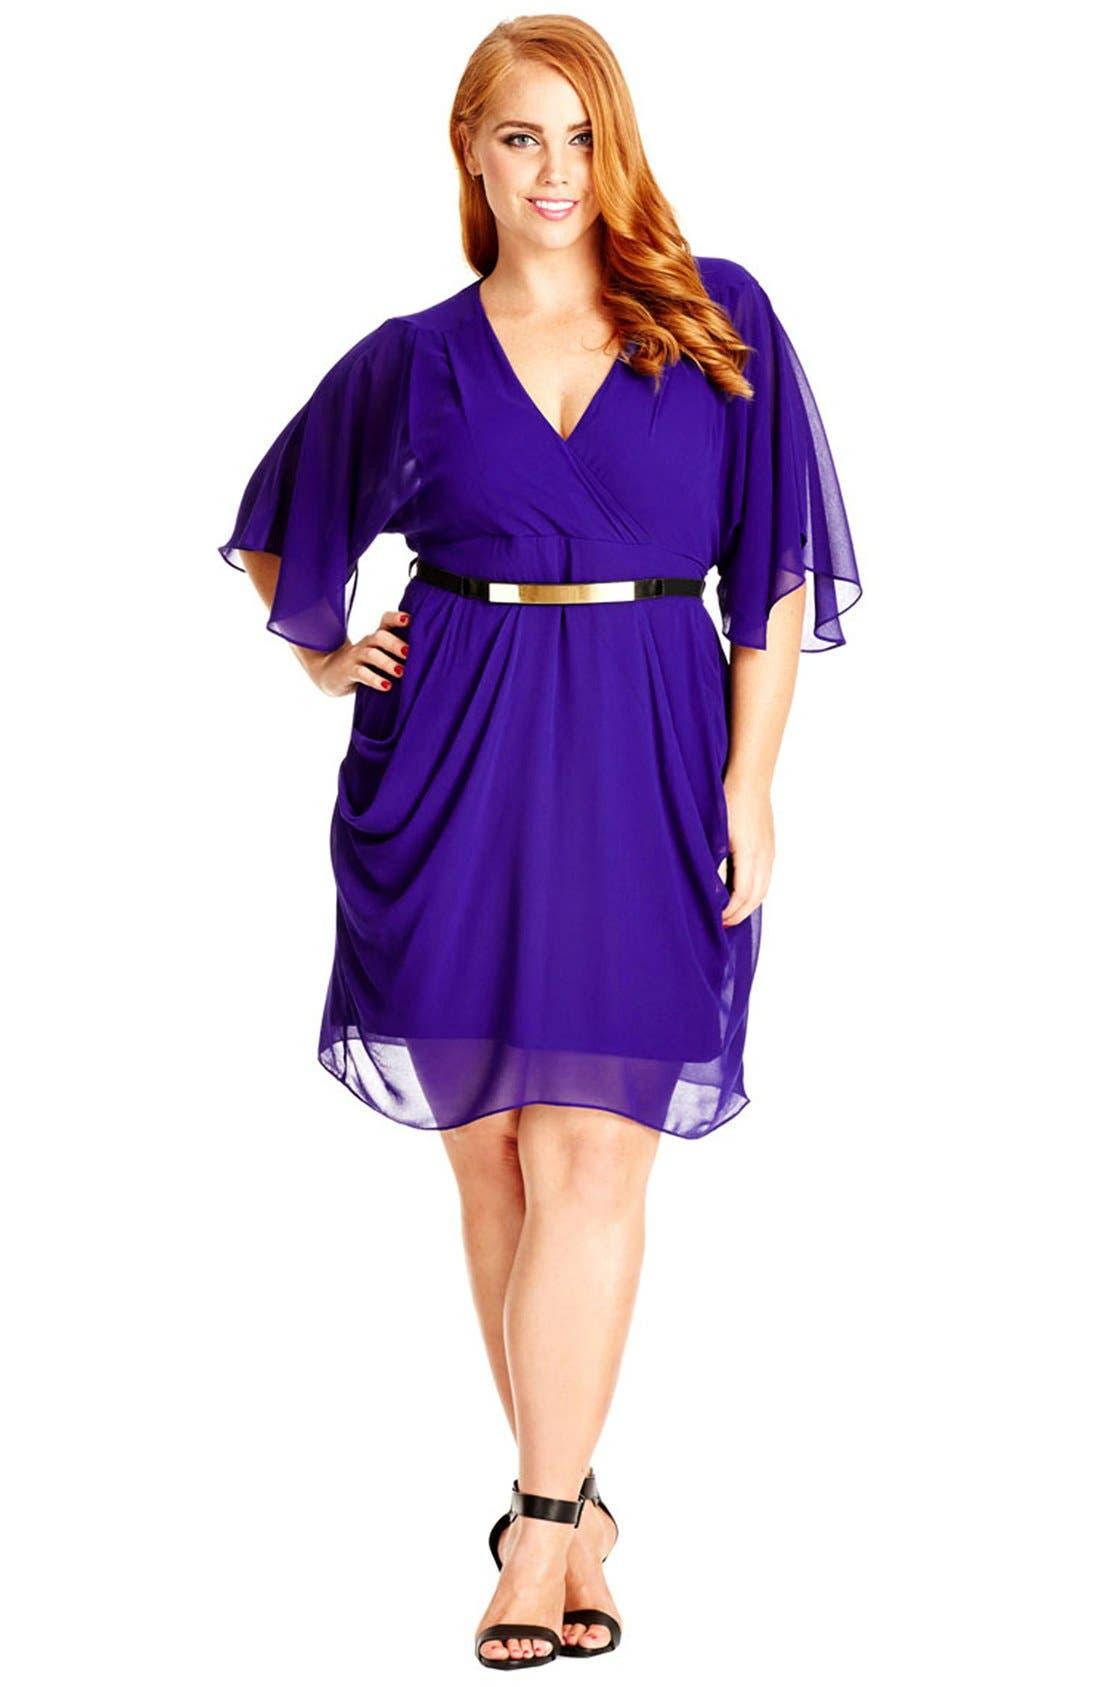 Alternate Image 1 Selected - City Chic 'Colour Wrap' Surplice Dress (Plus Size)